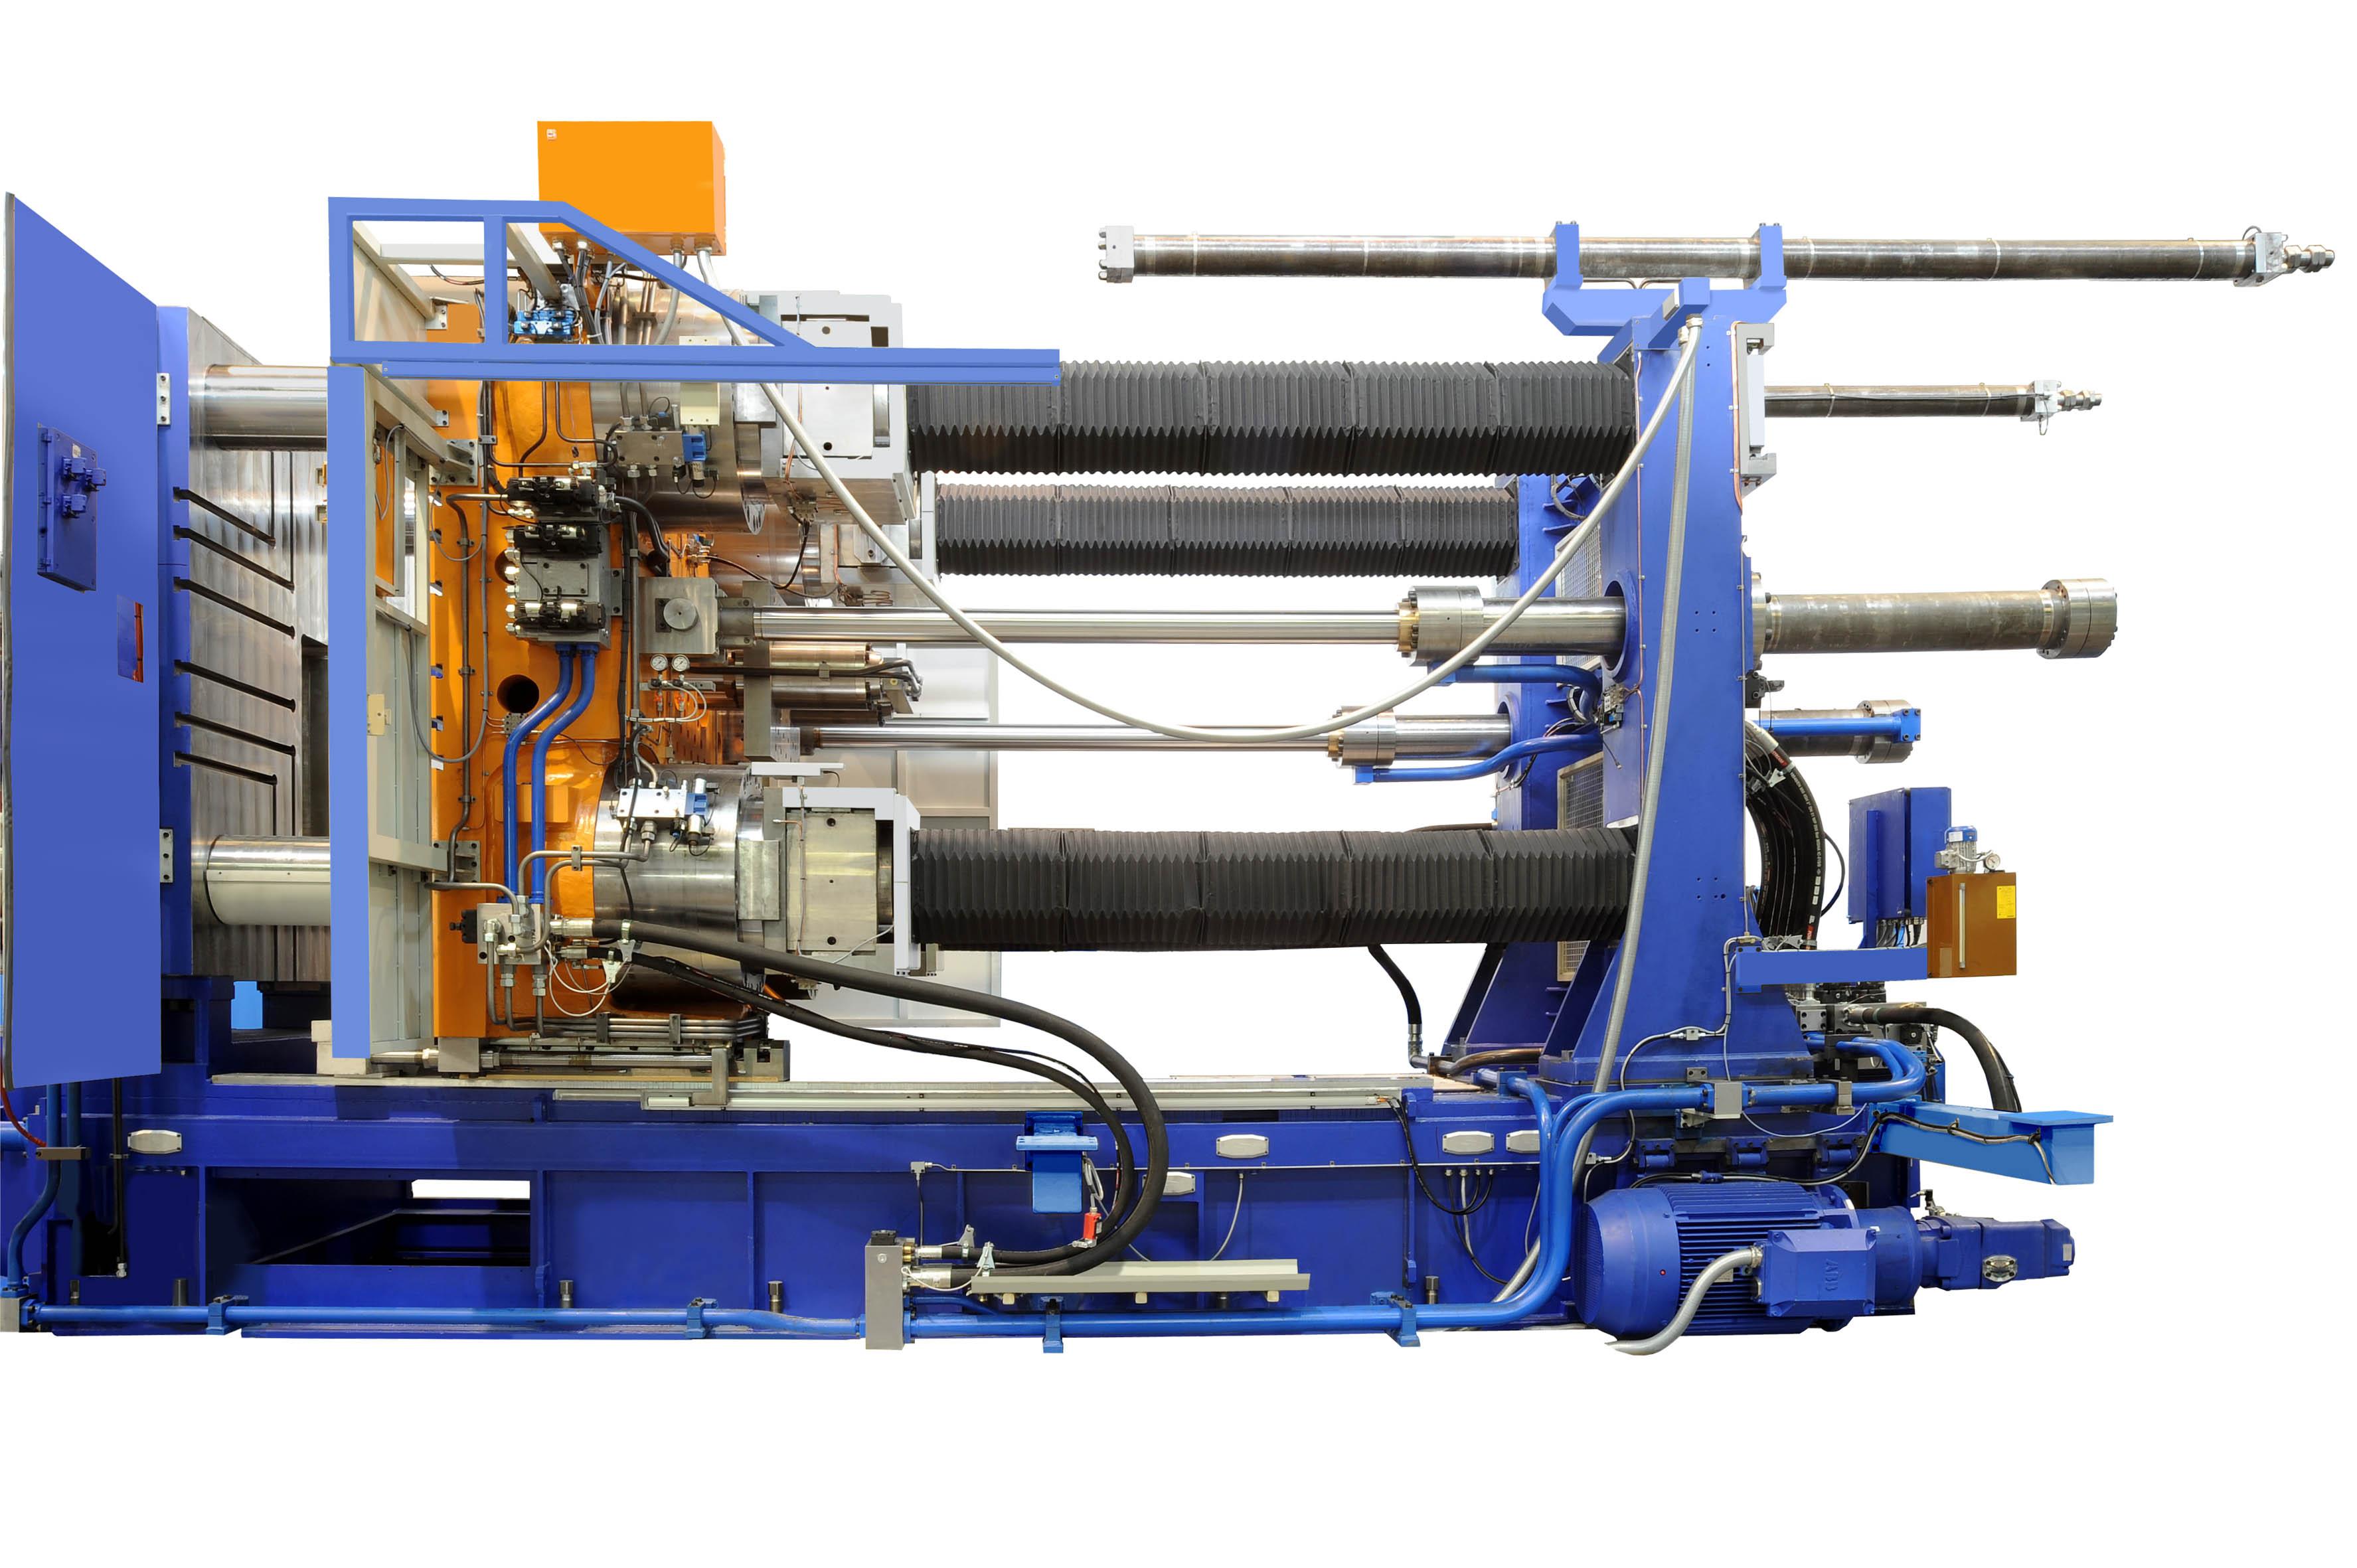 Bild 2:  Druckgießmaschine (Italpresse Industrie S.p.A.)